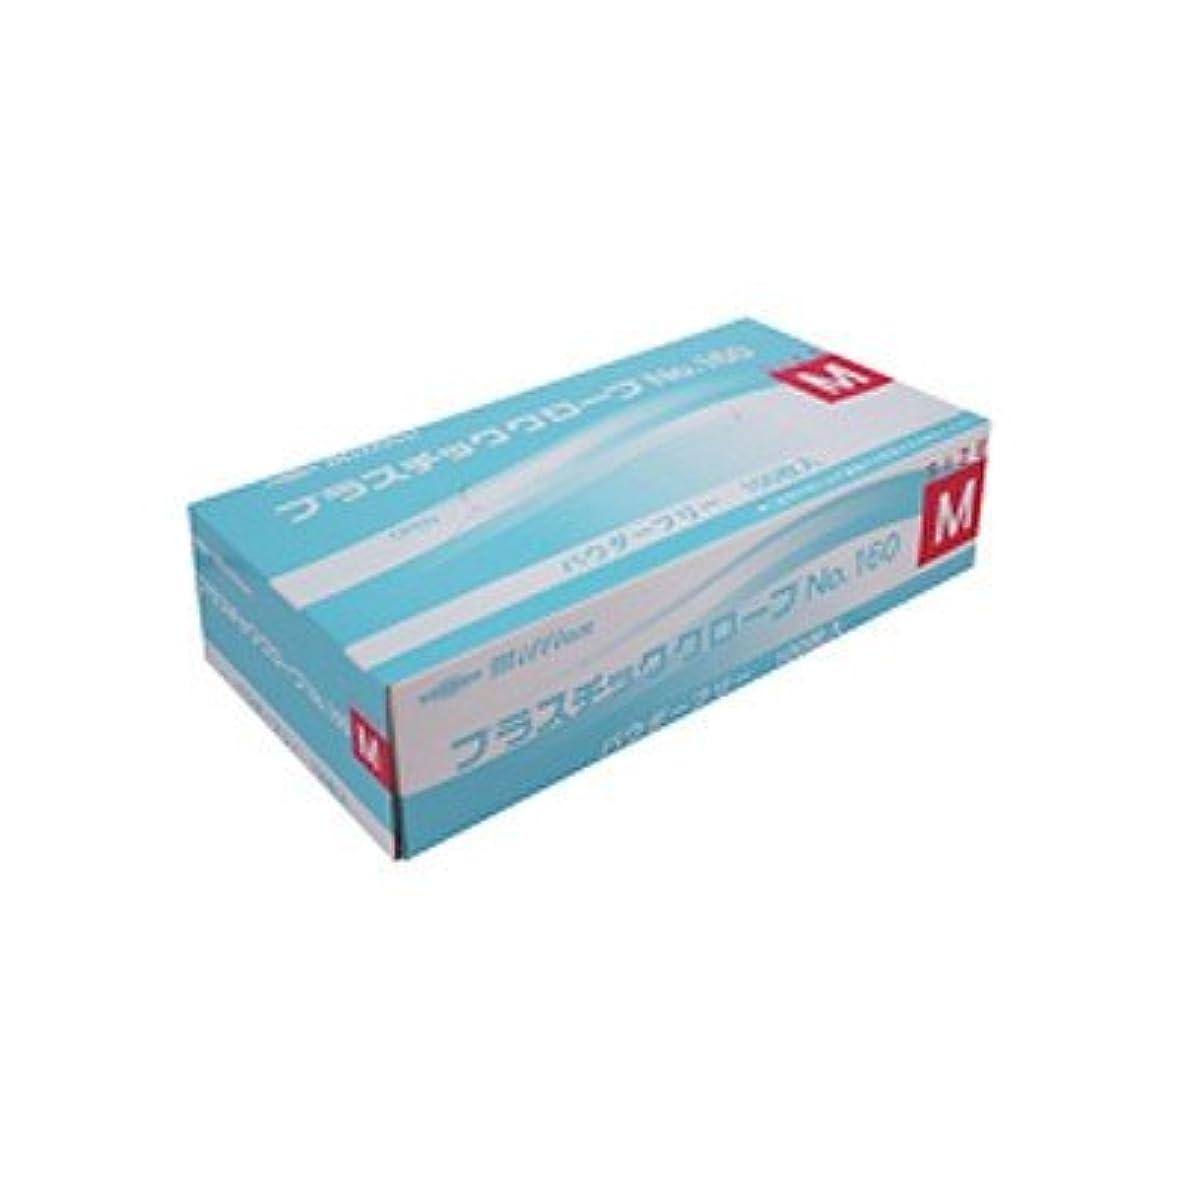 注目すべき半径禁止ミリオン プラスチック手袋 粉無 No.160 M 品番:LH-160-M 注文番号:62741606 メーカー:共和